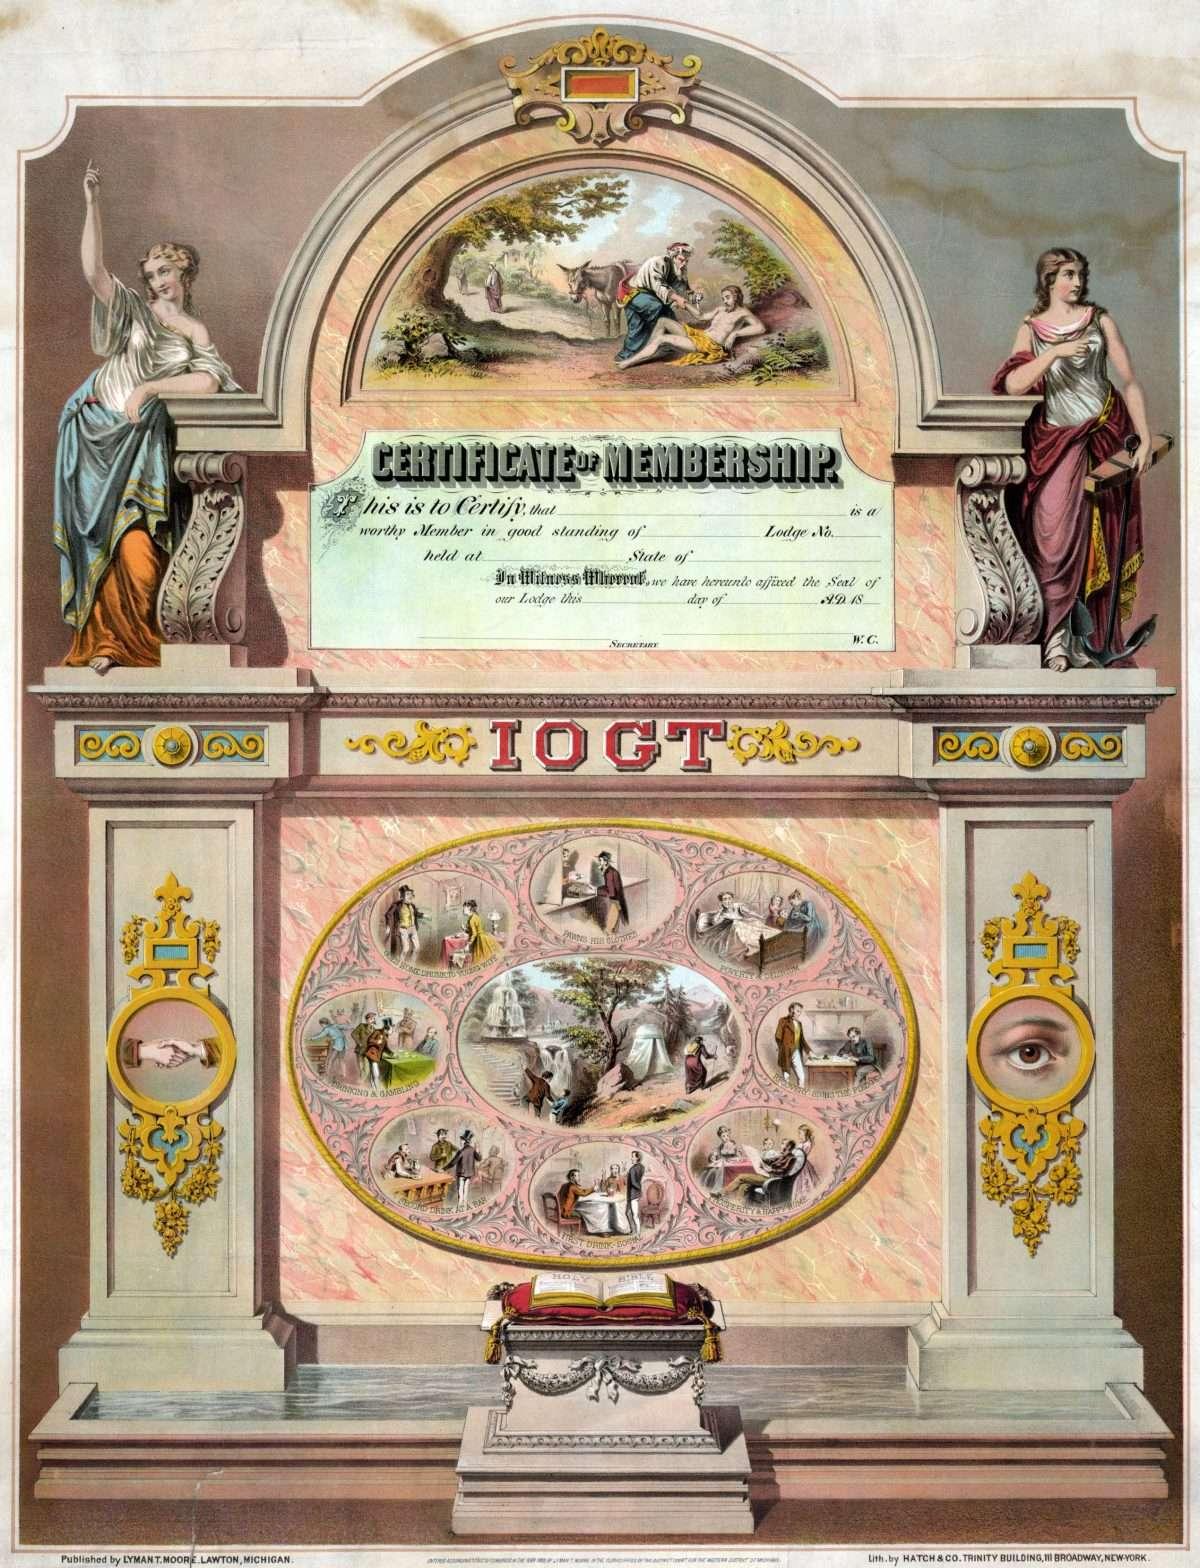 Certificate of Membership in Temperance League